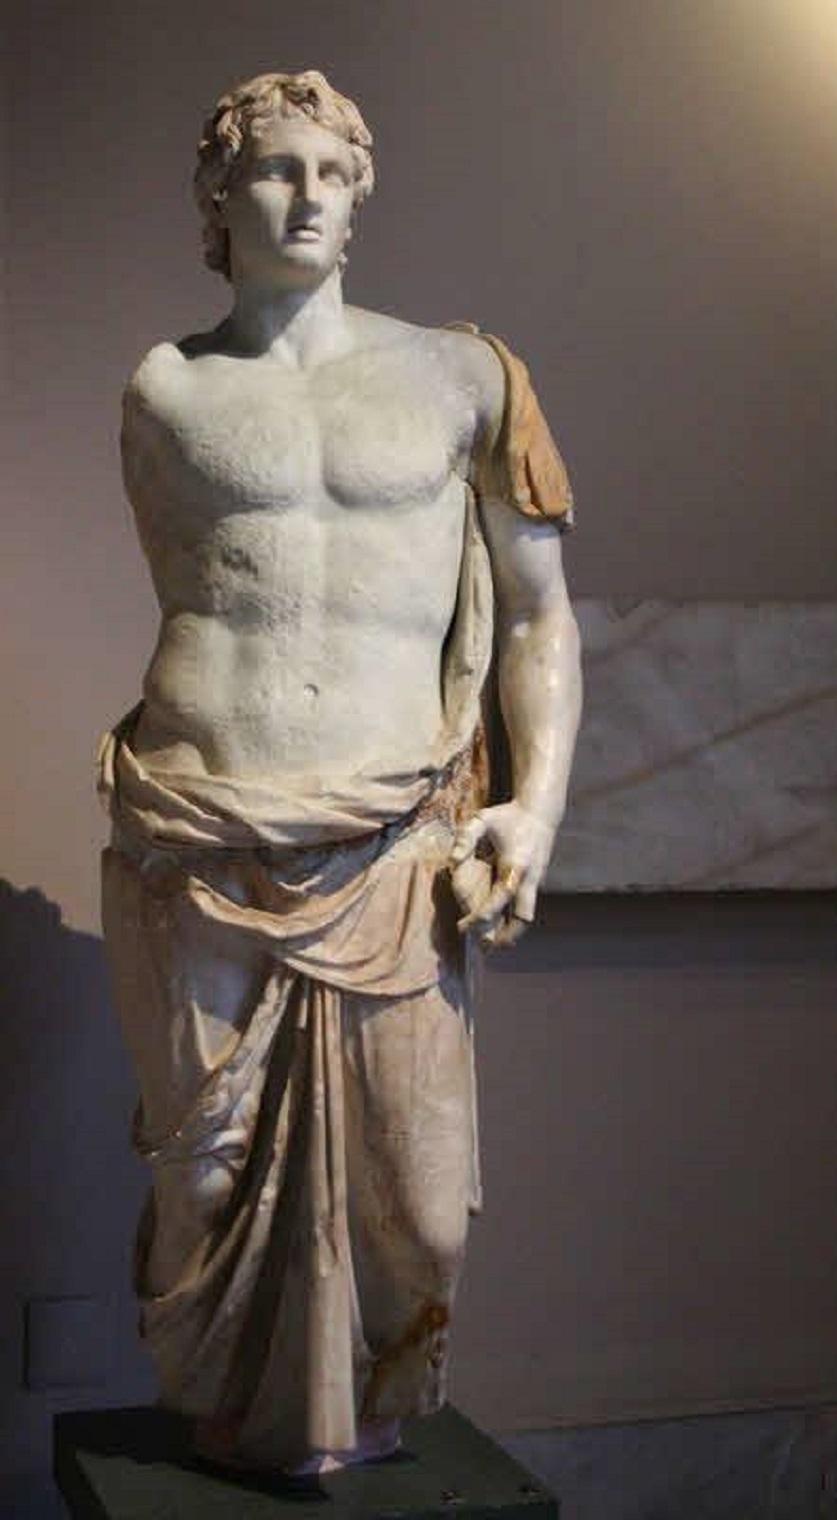 Σχετικὰ μὲ τὴν καταγωγὴ τοῦ Μεγάλου Ἀλεξάνδρου.